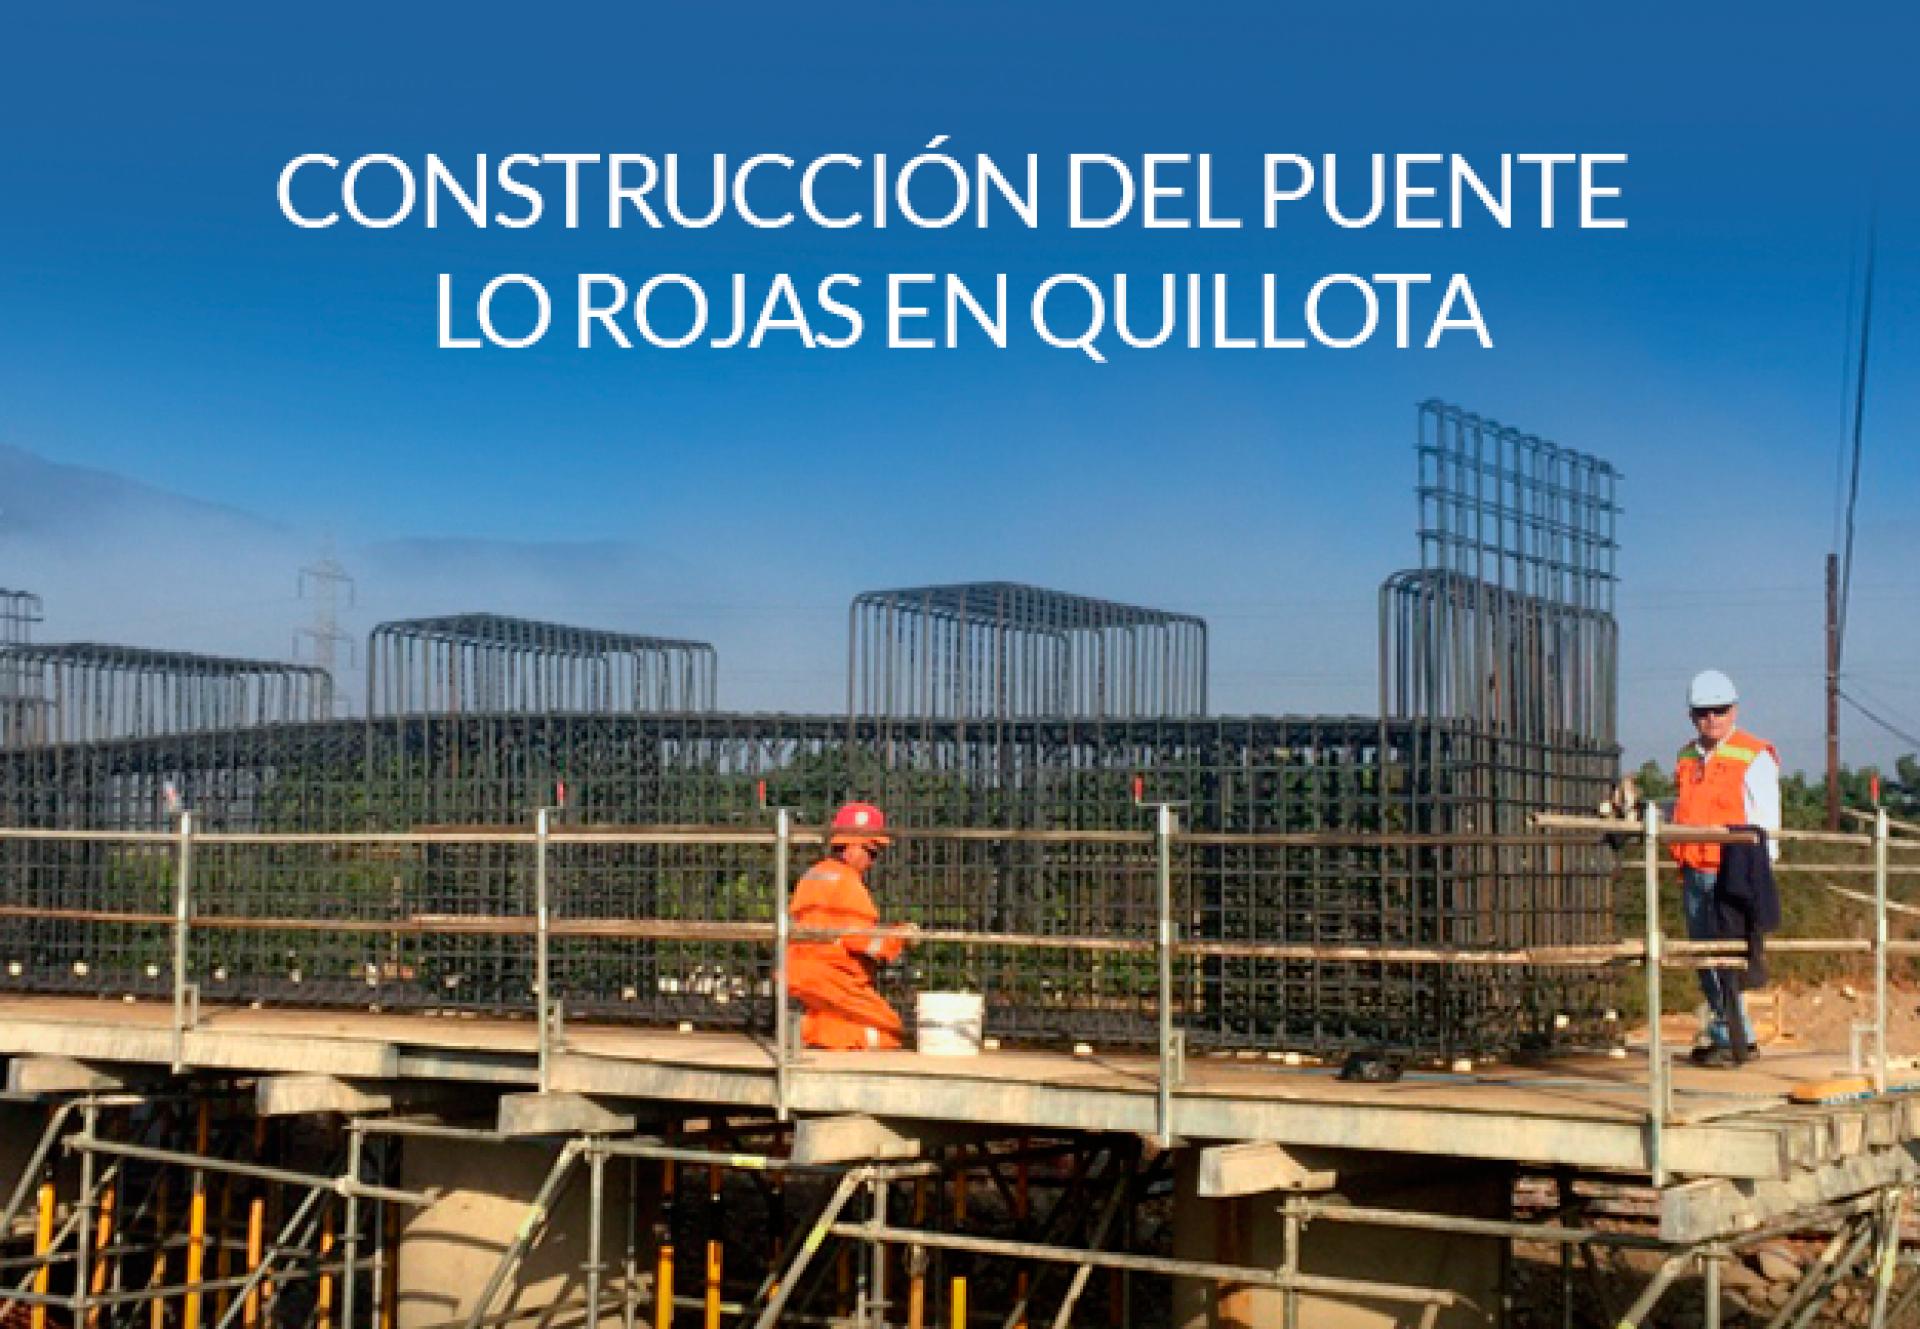 Construcción del puente lo rojas en Quillota